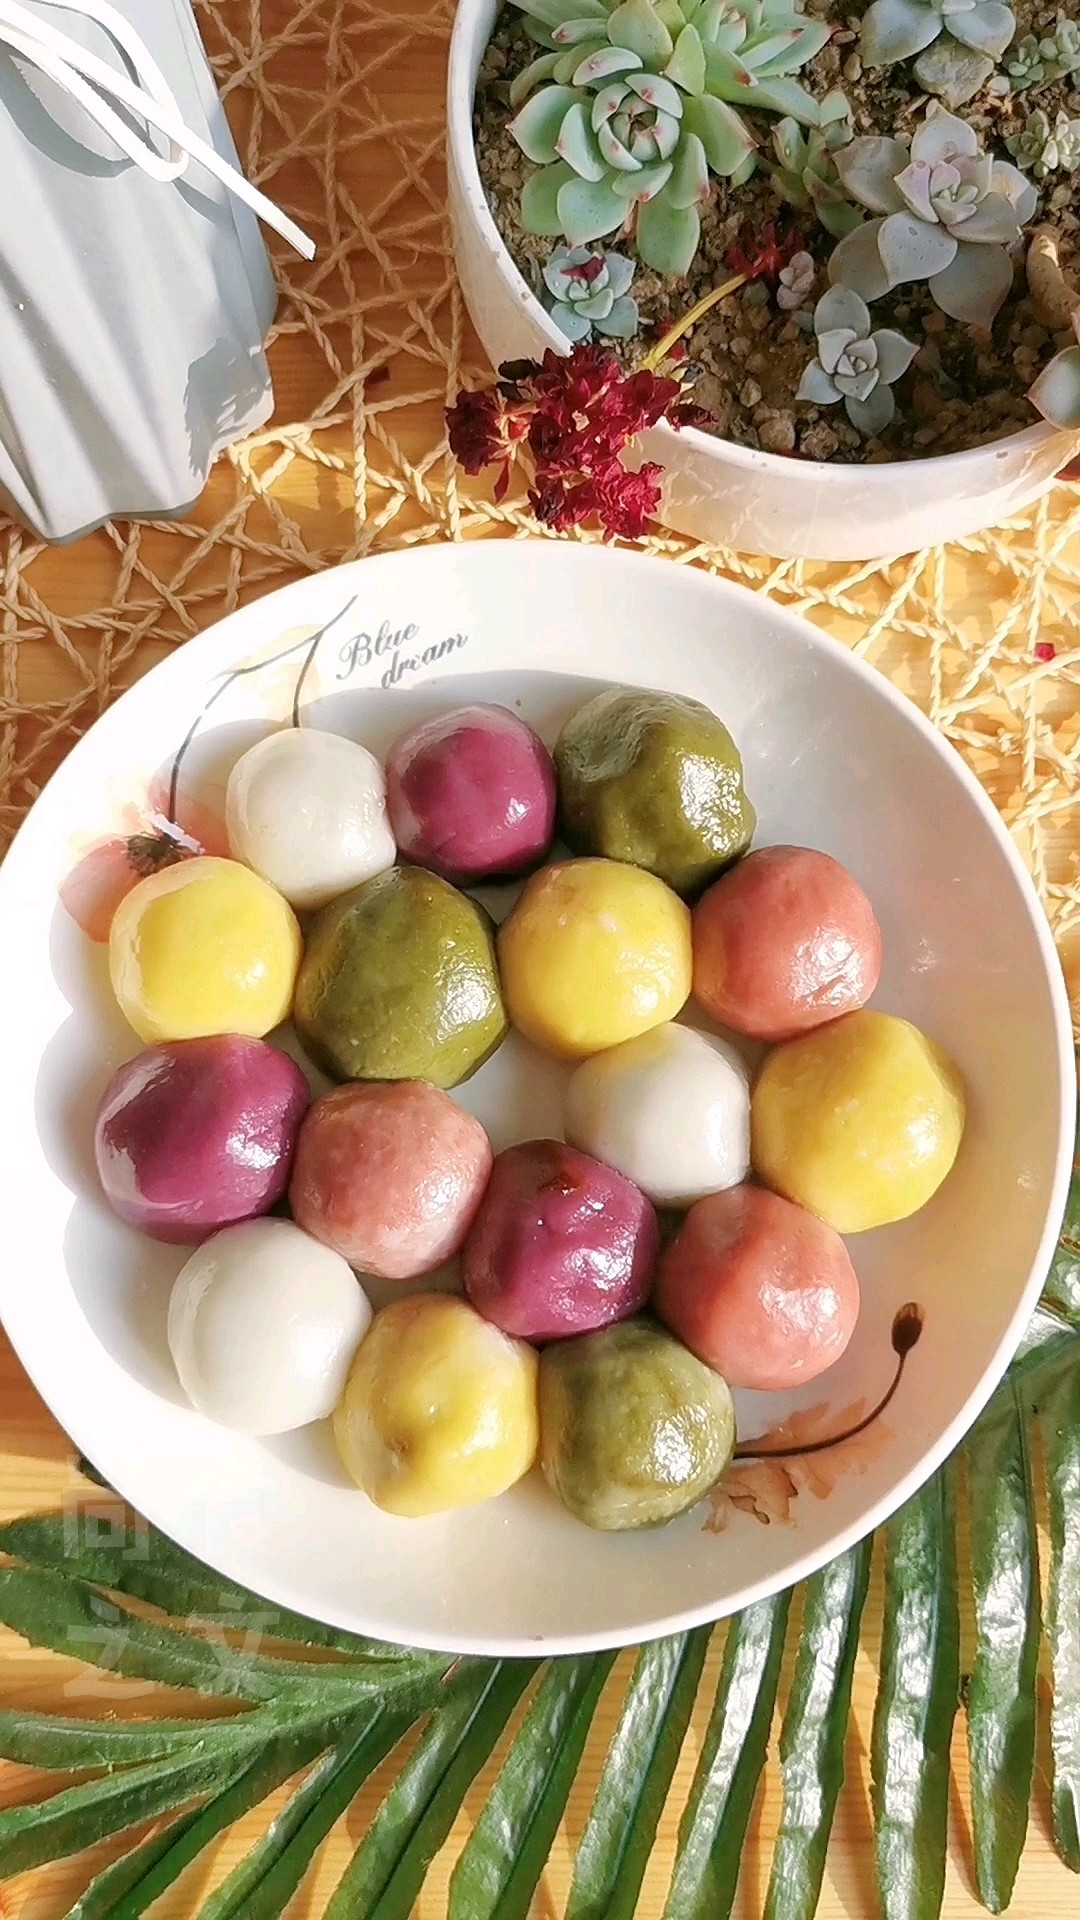 还在煮汤圆吗,试试自己做蒸汤圆吧,颜值超高制作容易,新手也能做!